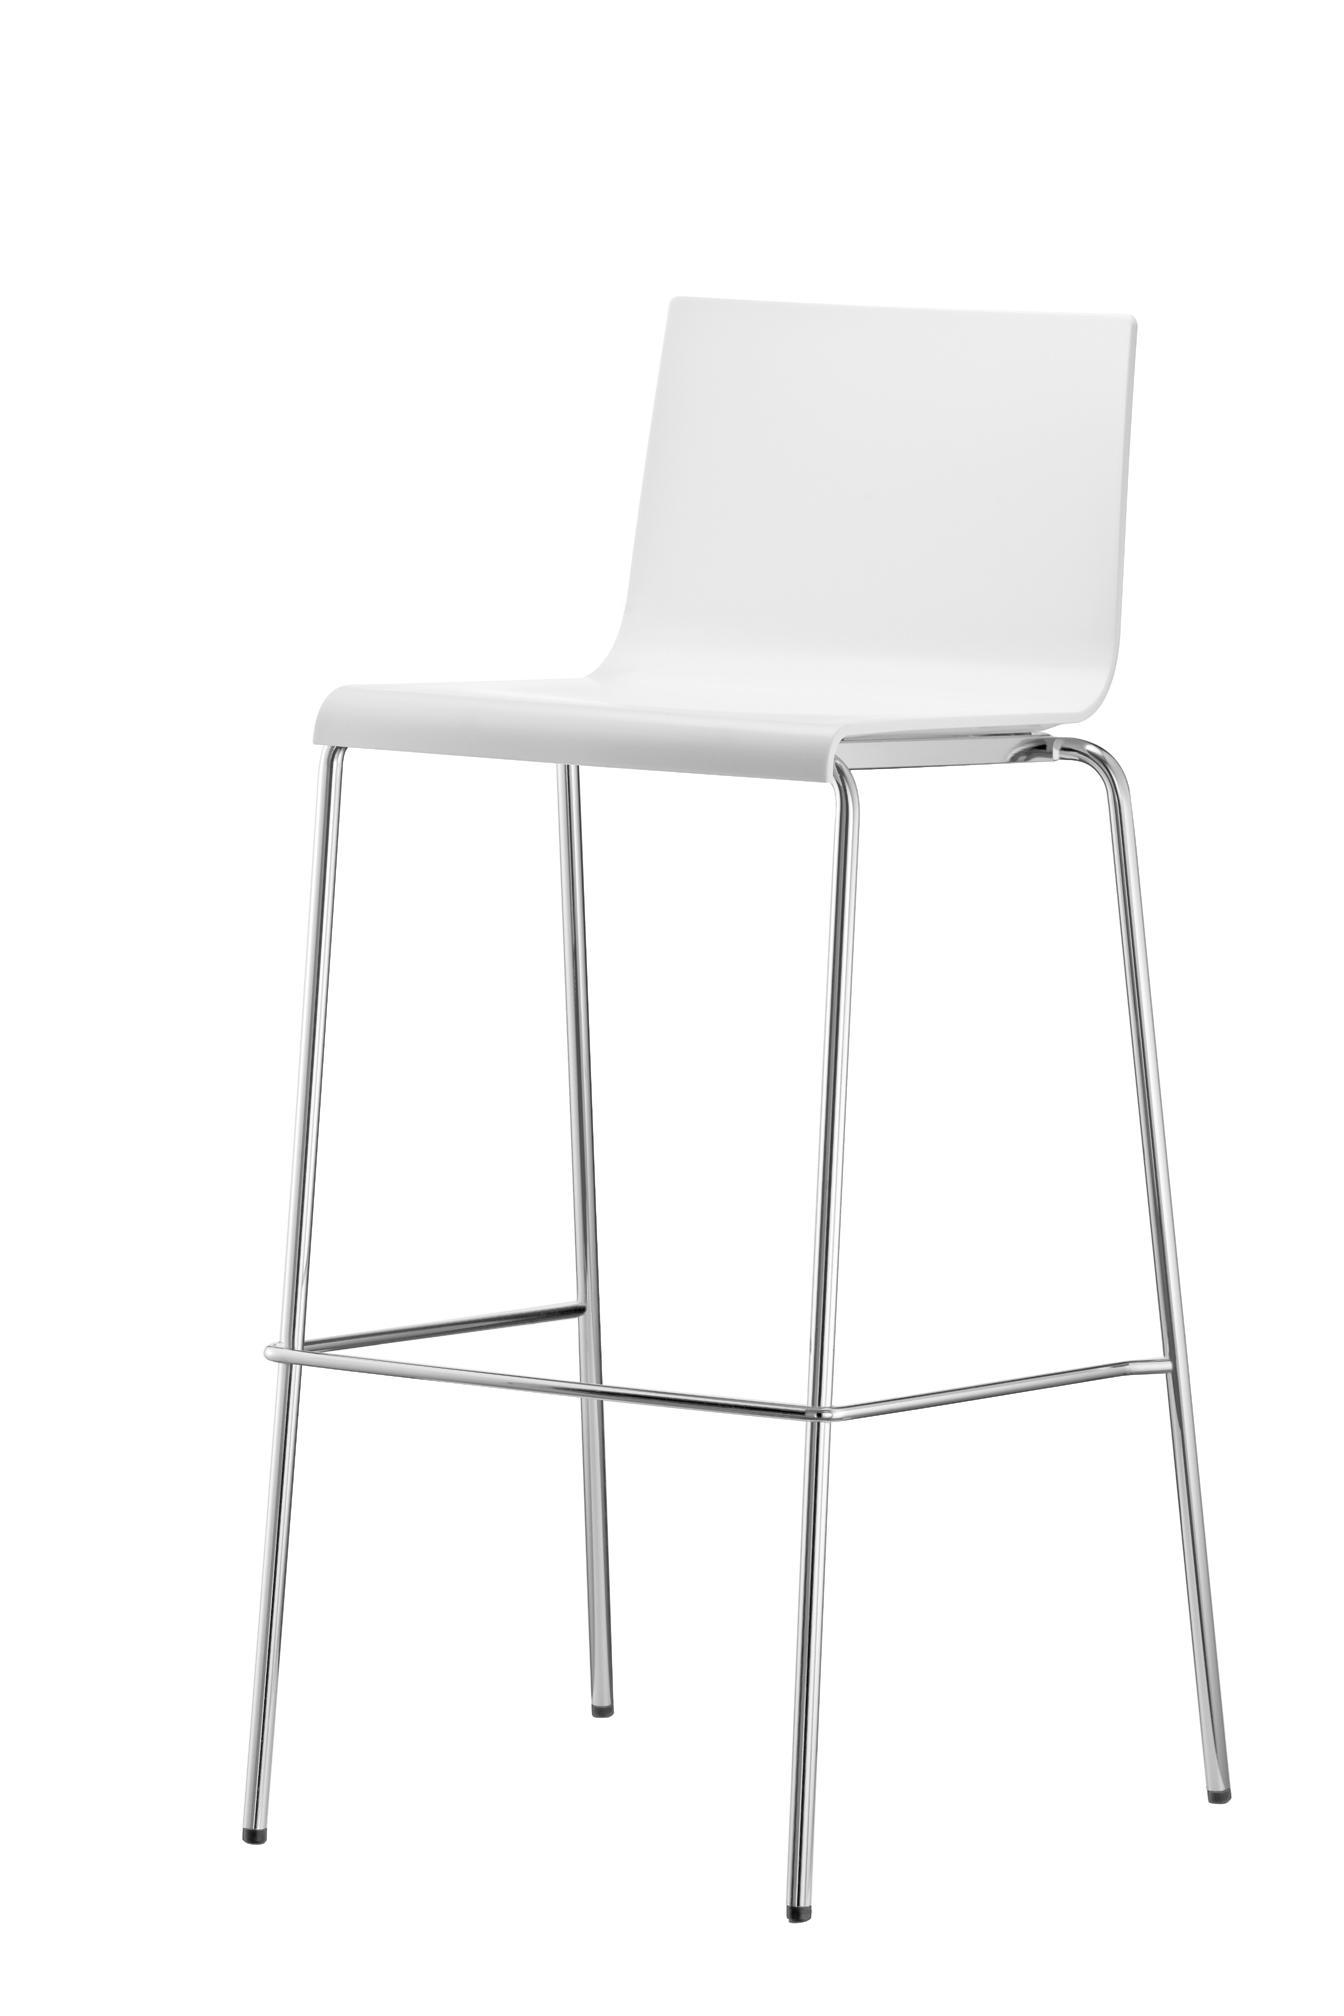 design barhocker farbe weiss und elfenbein sitzh he 65. Black Bedroom Furniture Sets. Home Design Ideas